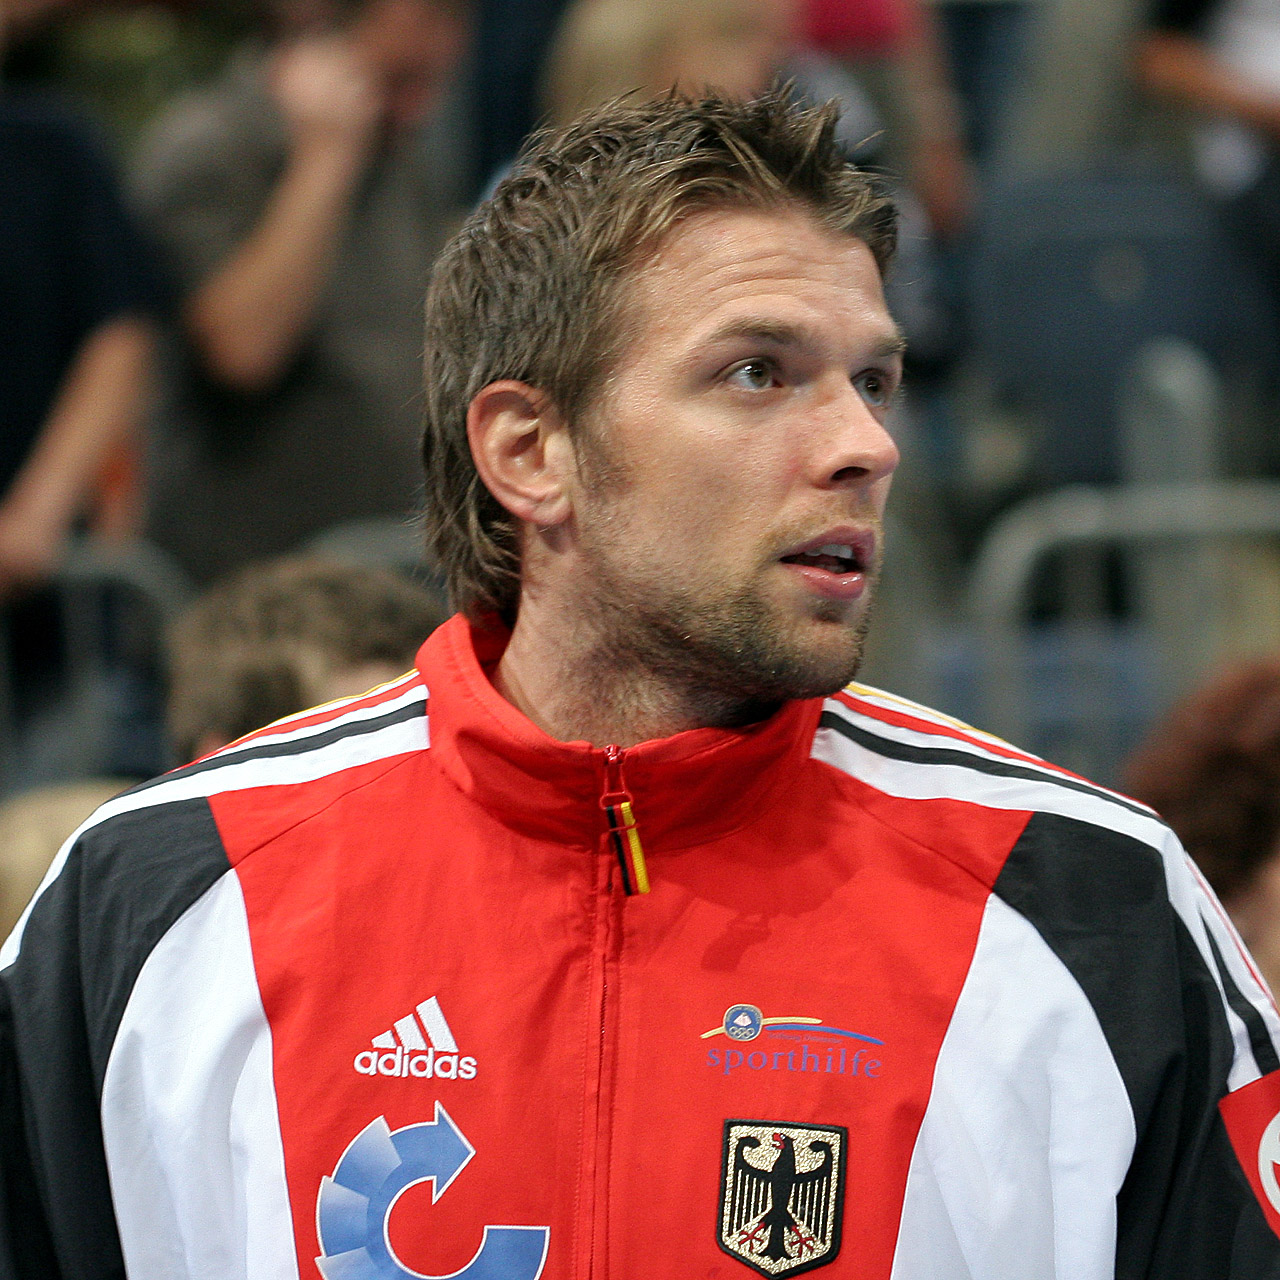 Christian Sprenger